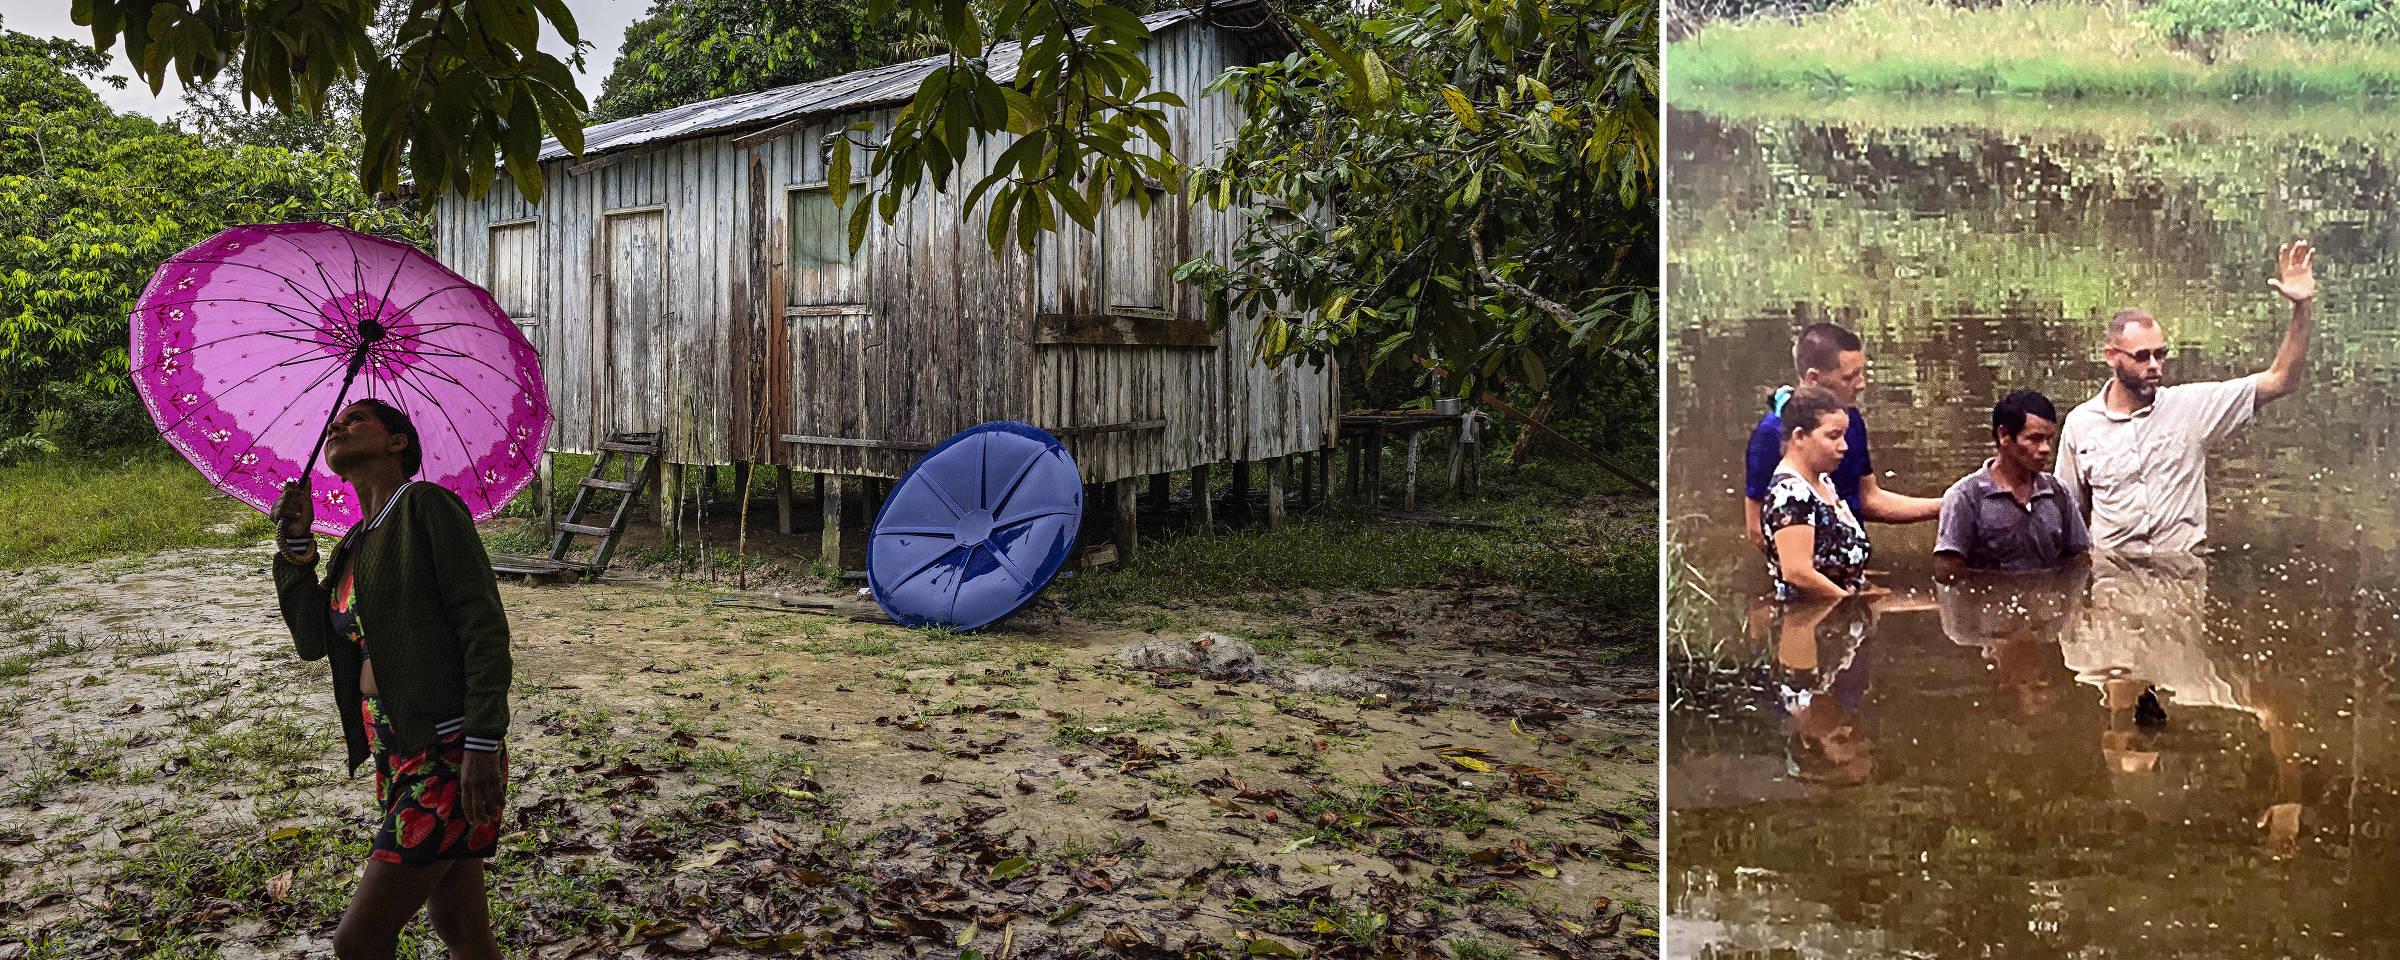 Casa onde morou o missionário Andrew Tonkin em uma comunidade ribeirinha as margens do rio Itacoai, proximo aos limites da Terra Indigena do Vale do Javari, no Amazonas. À direita, ele dentro da água